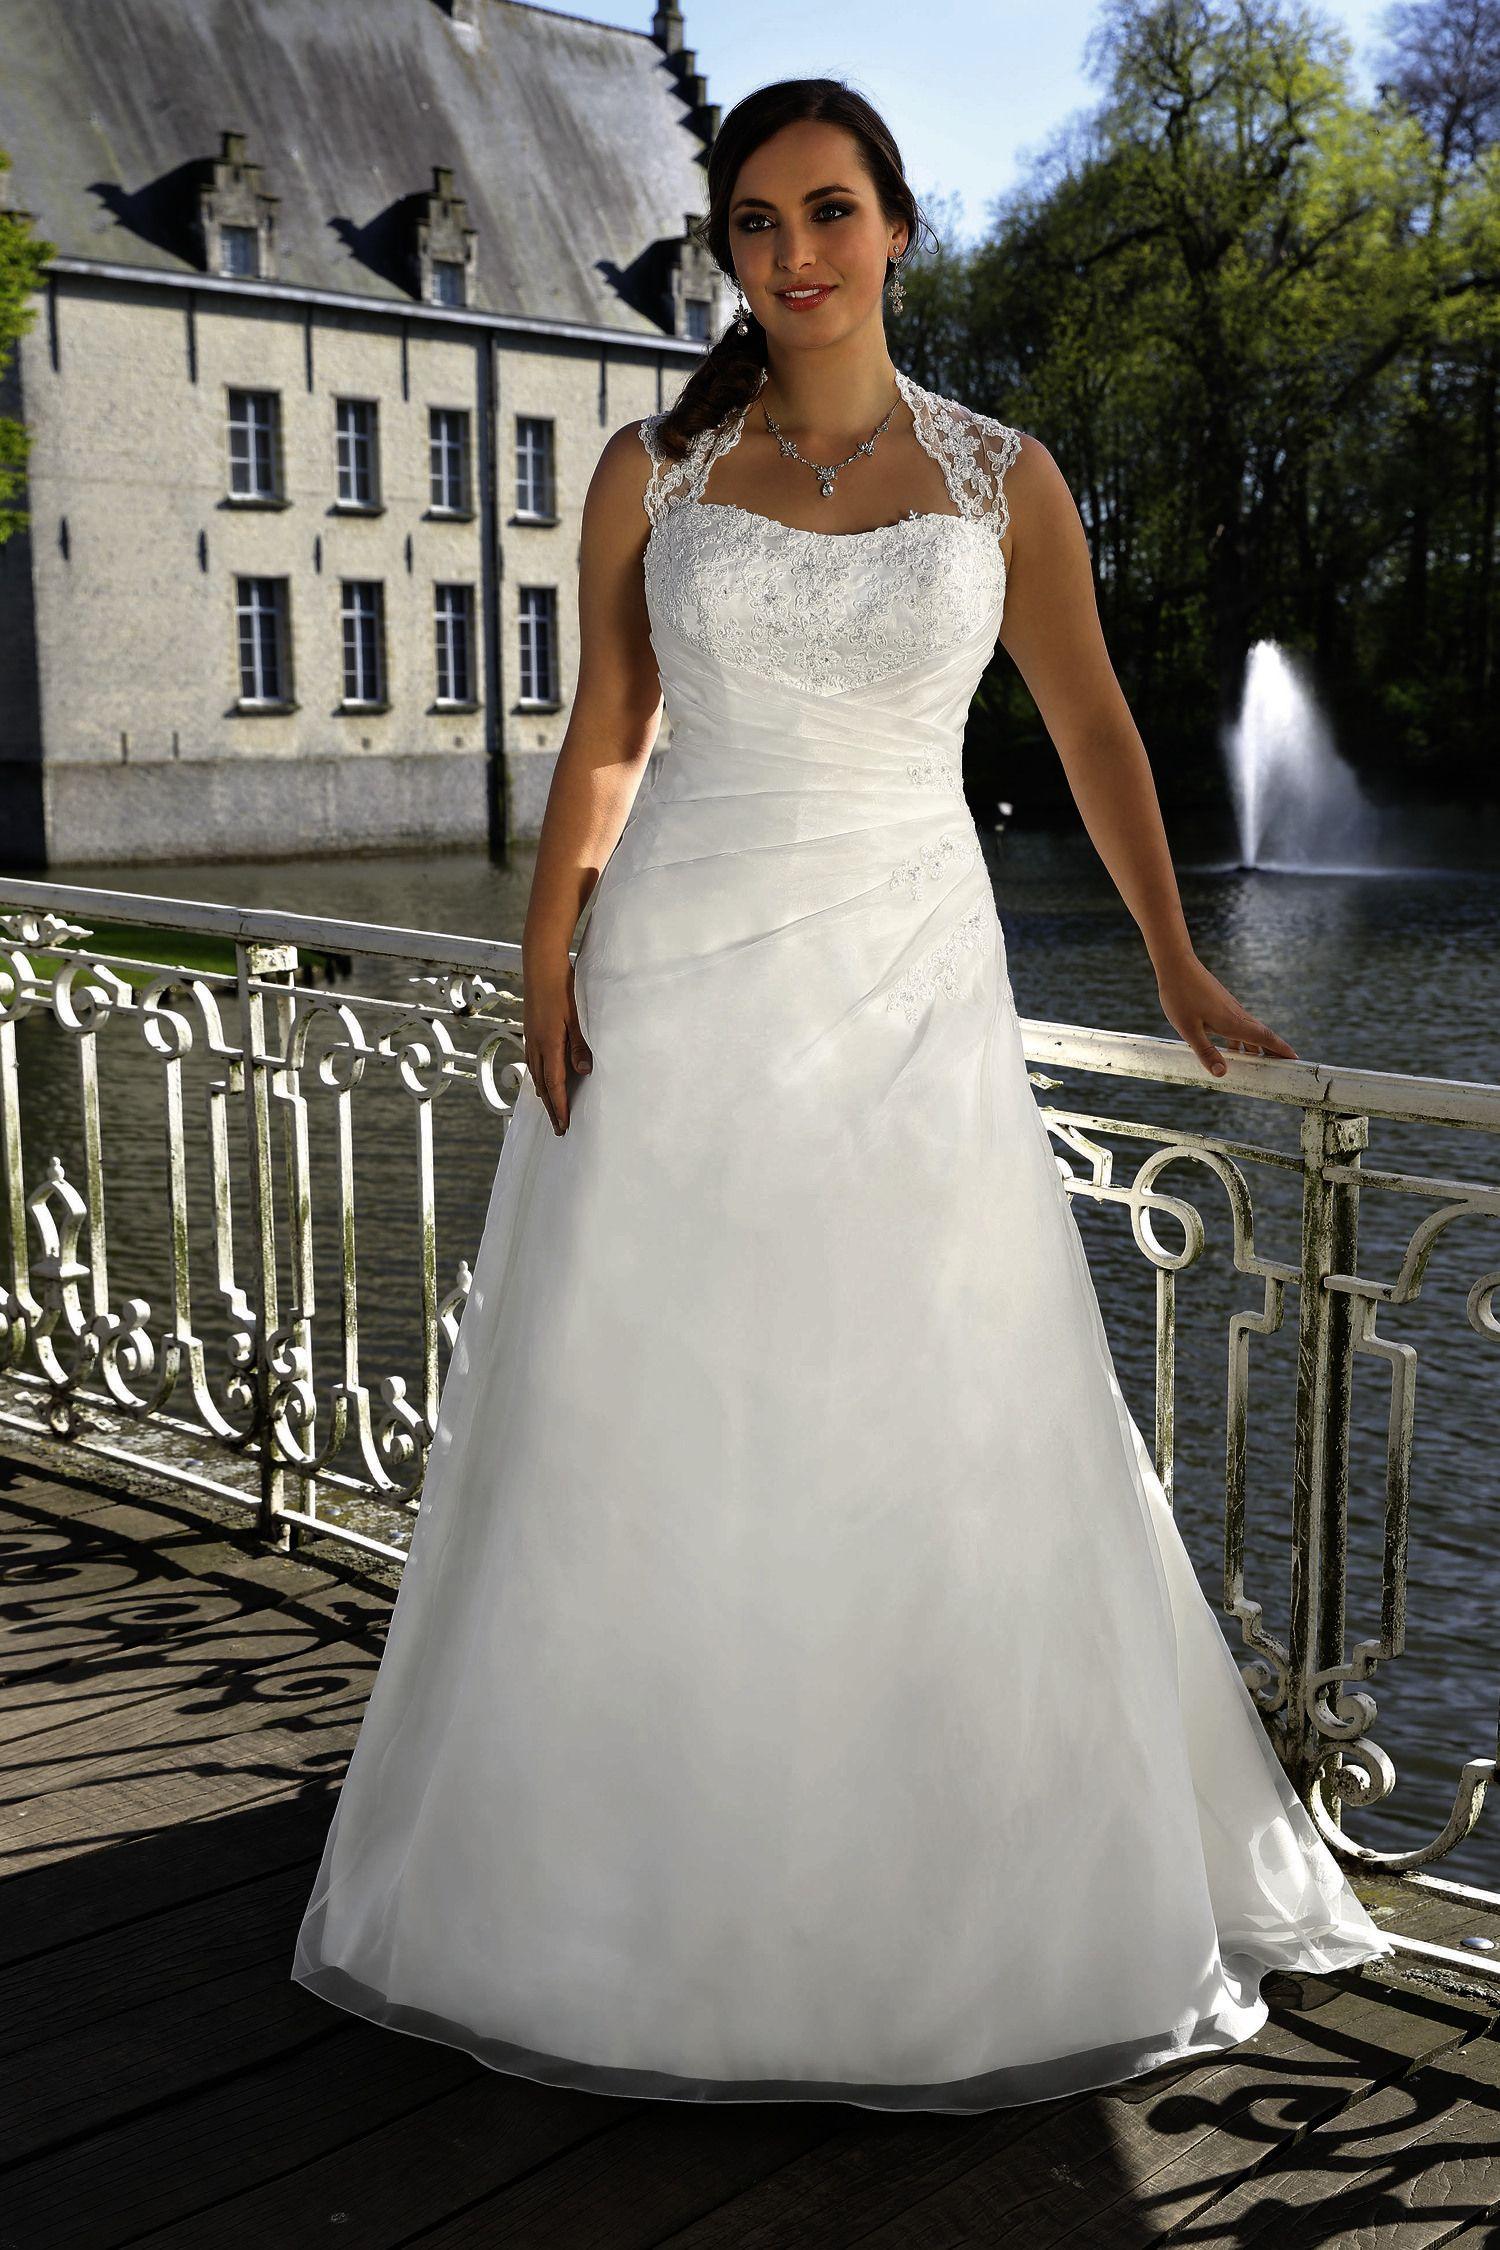 88 - Maatje meer - Bruidscollecties - Bruidshuis Diana | Disney ...